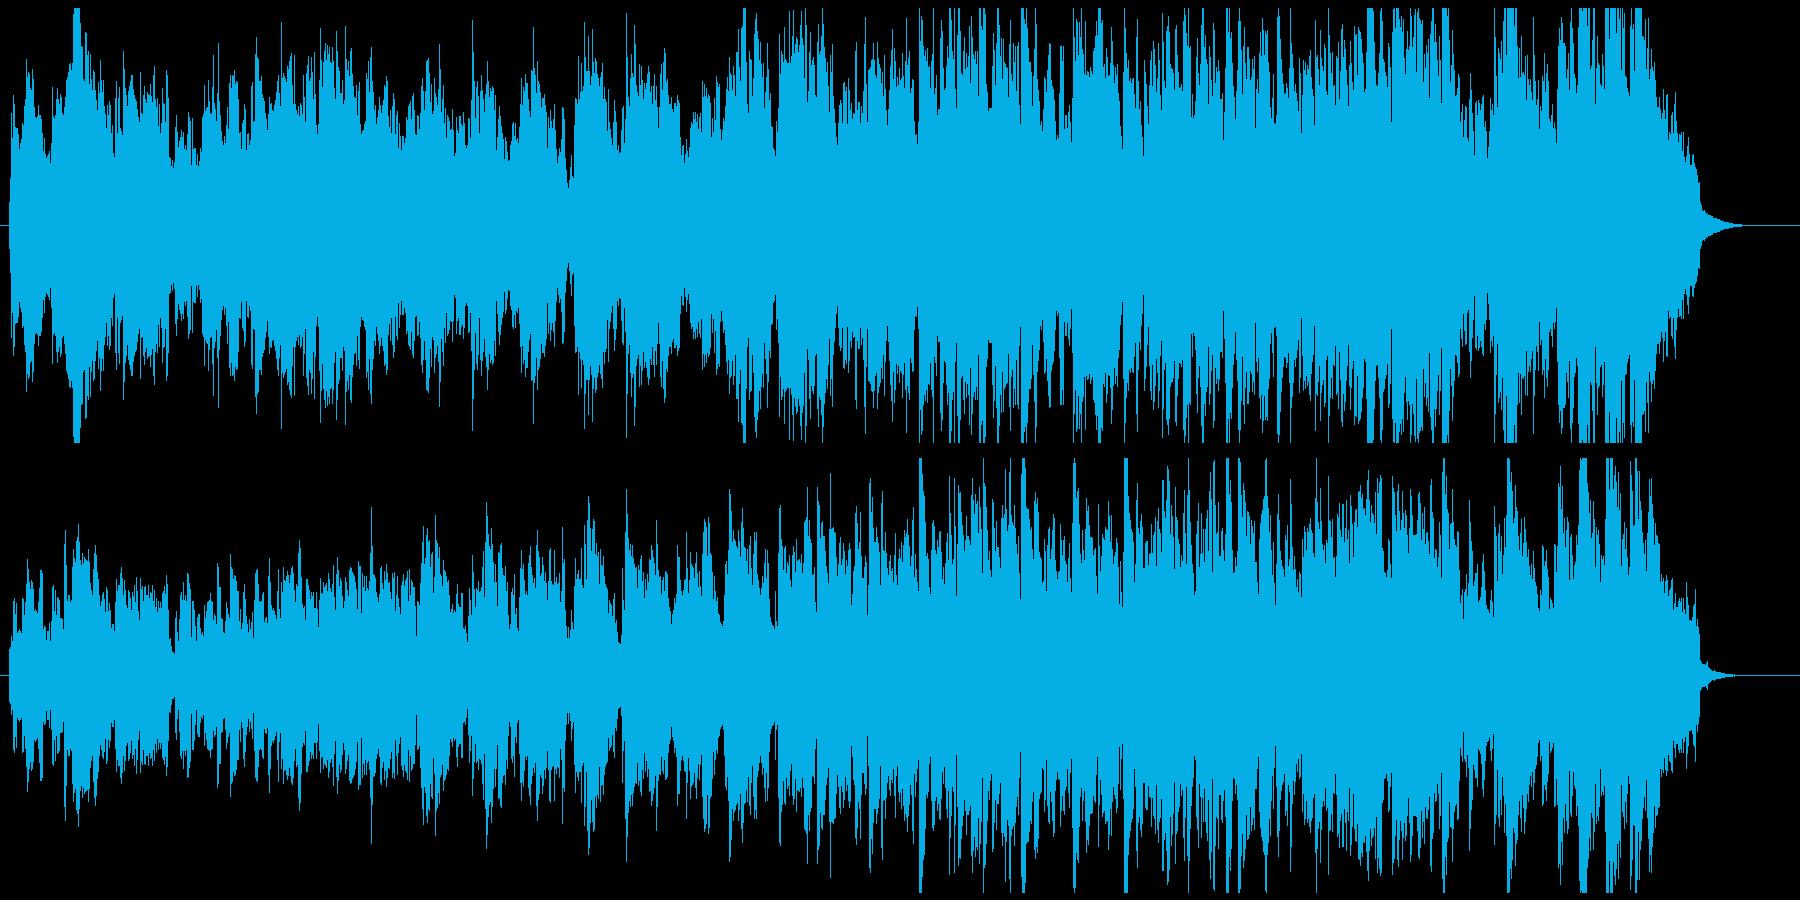 ファンタジー・メルヘン・妖精のケルト音楽の再生済みの波形